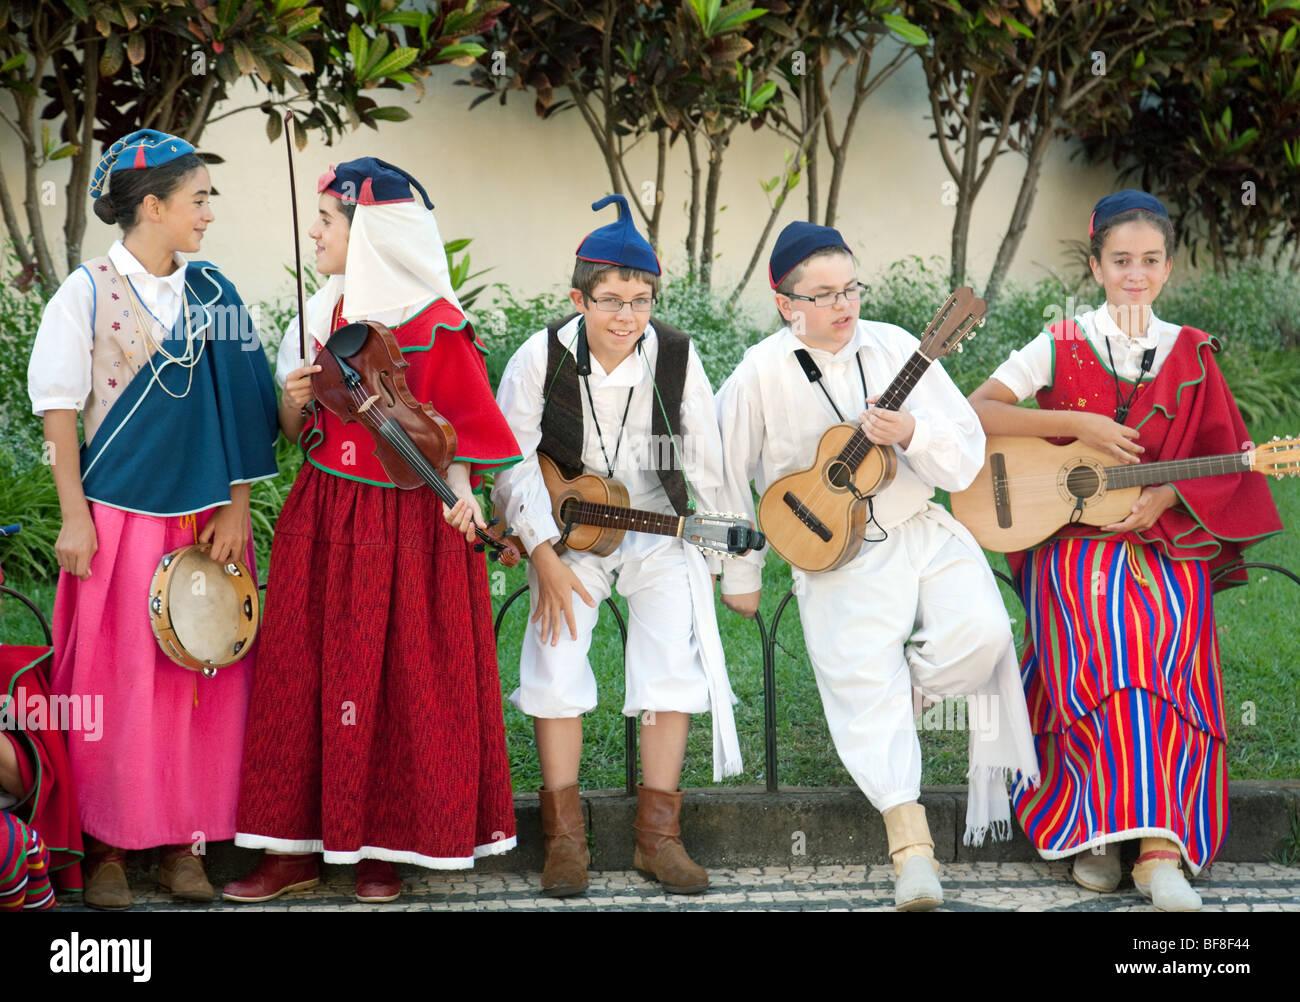 Madeira-Kinder in Tracht Musikinstrumente spielen und tanzen, Funchal, madeira Stockbild